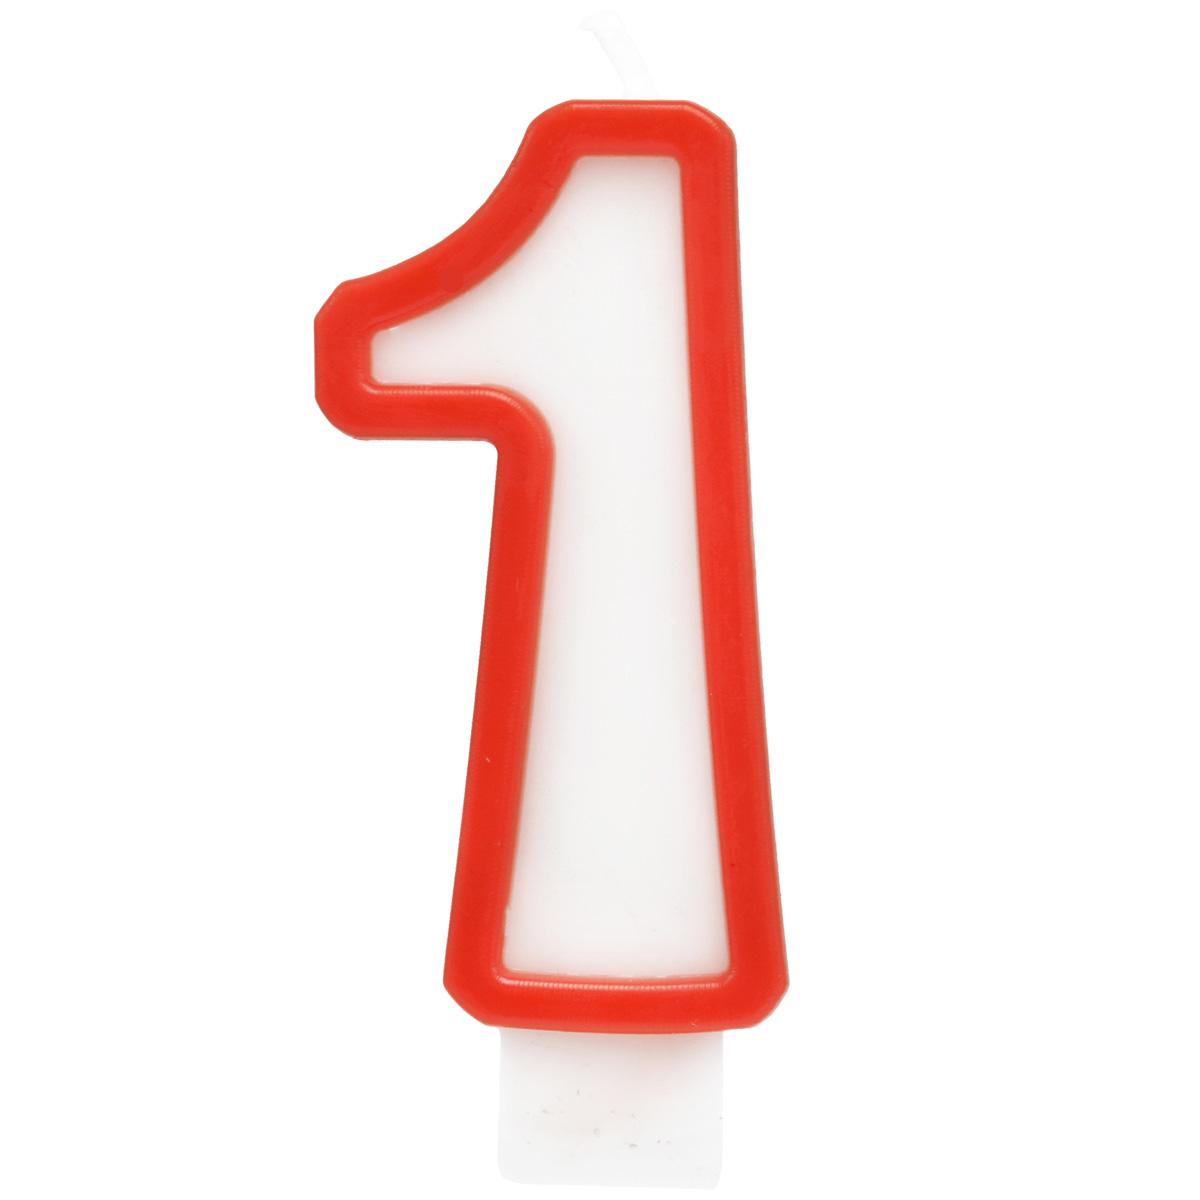 Action! Свеча-цифра для торта 1 год цвет красный action свеча цифра для торта 9 лет цвет фиолетовый